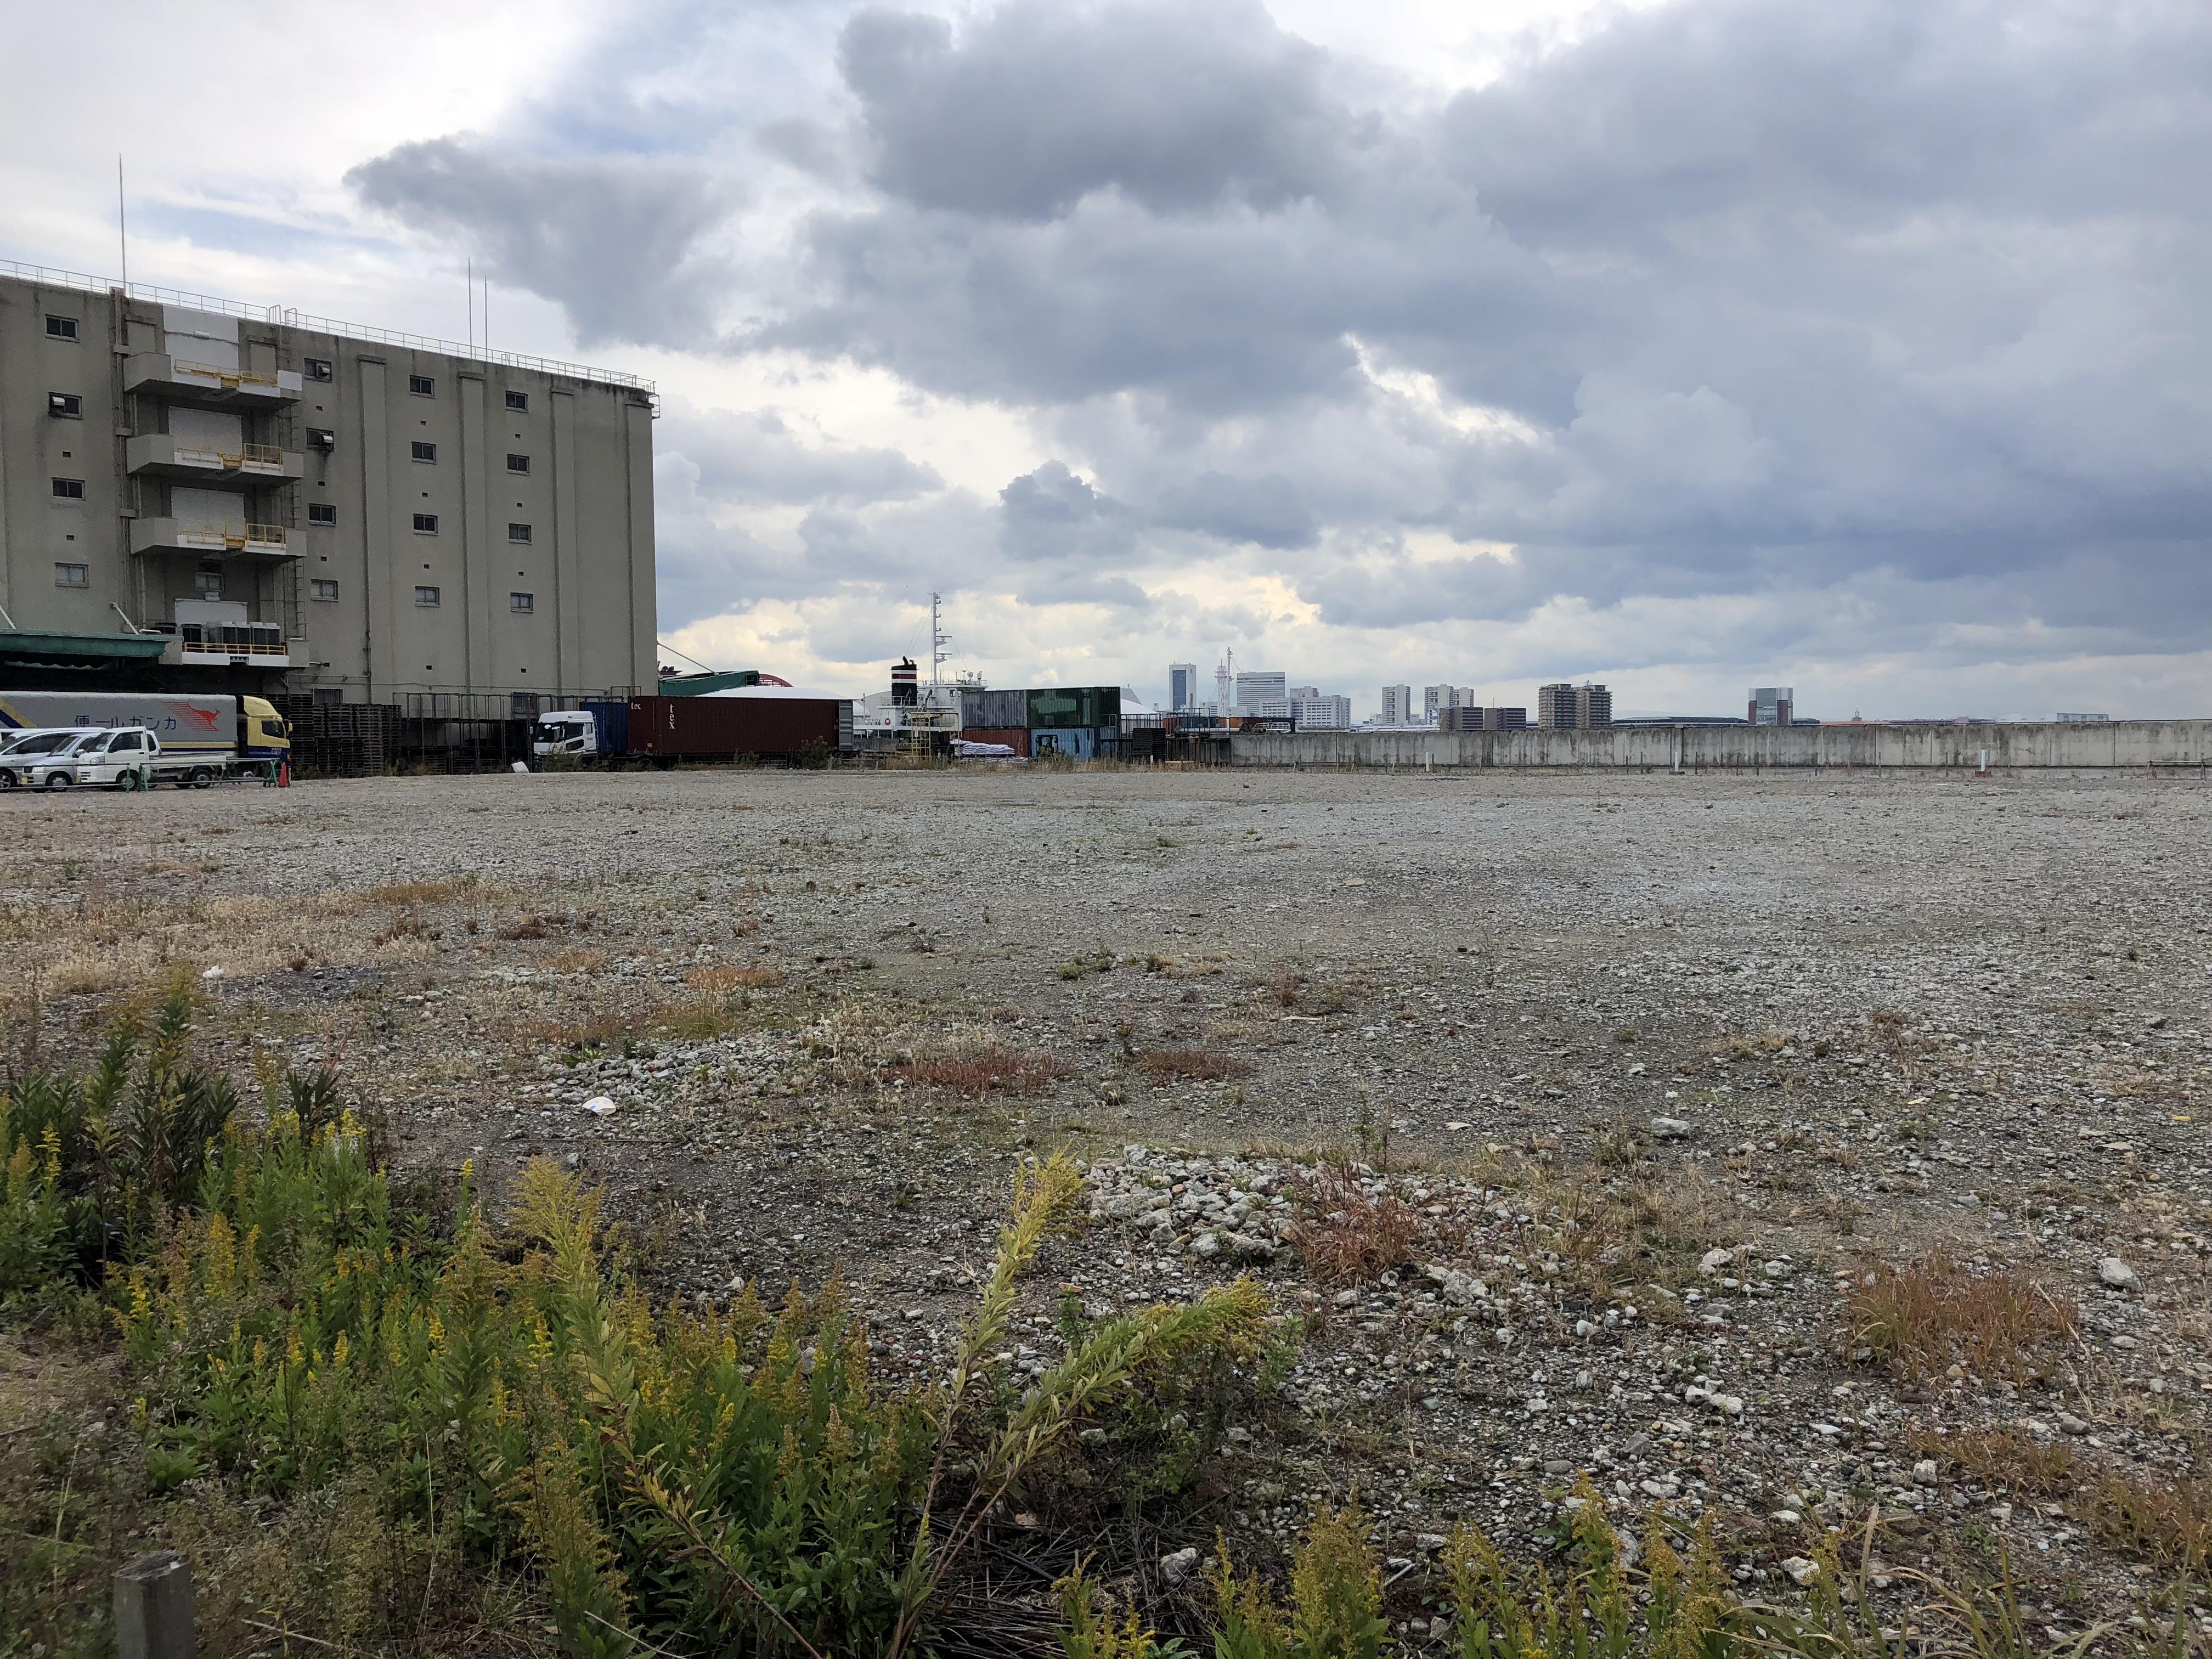 神戸・新港突堤西地区に円筒型水族館&ツインタワーが建設される予定、現地の様子を見てきた! #新港第一突堤 #神戸観光 #近代建築